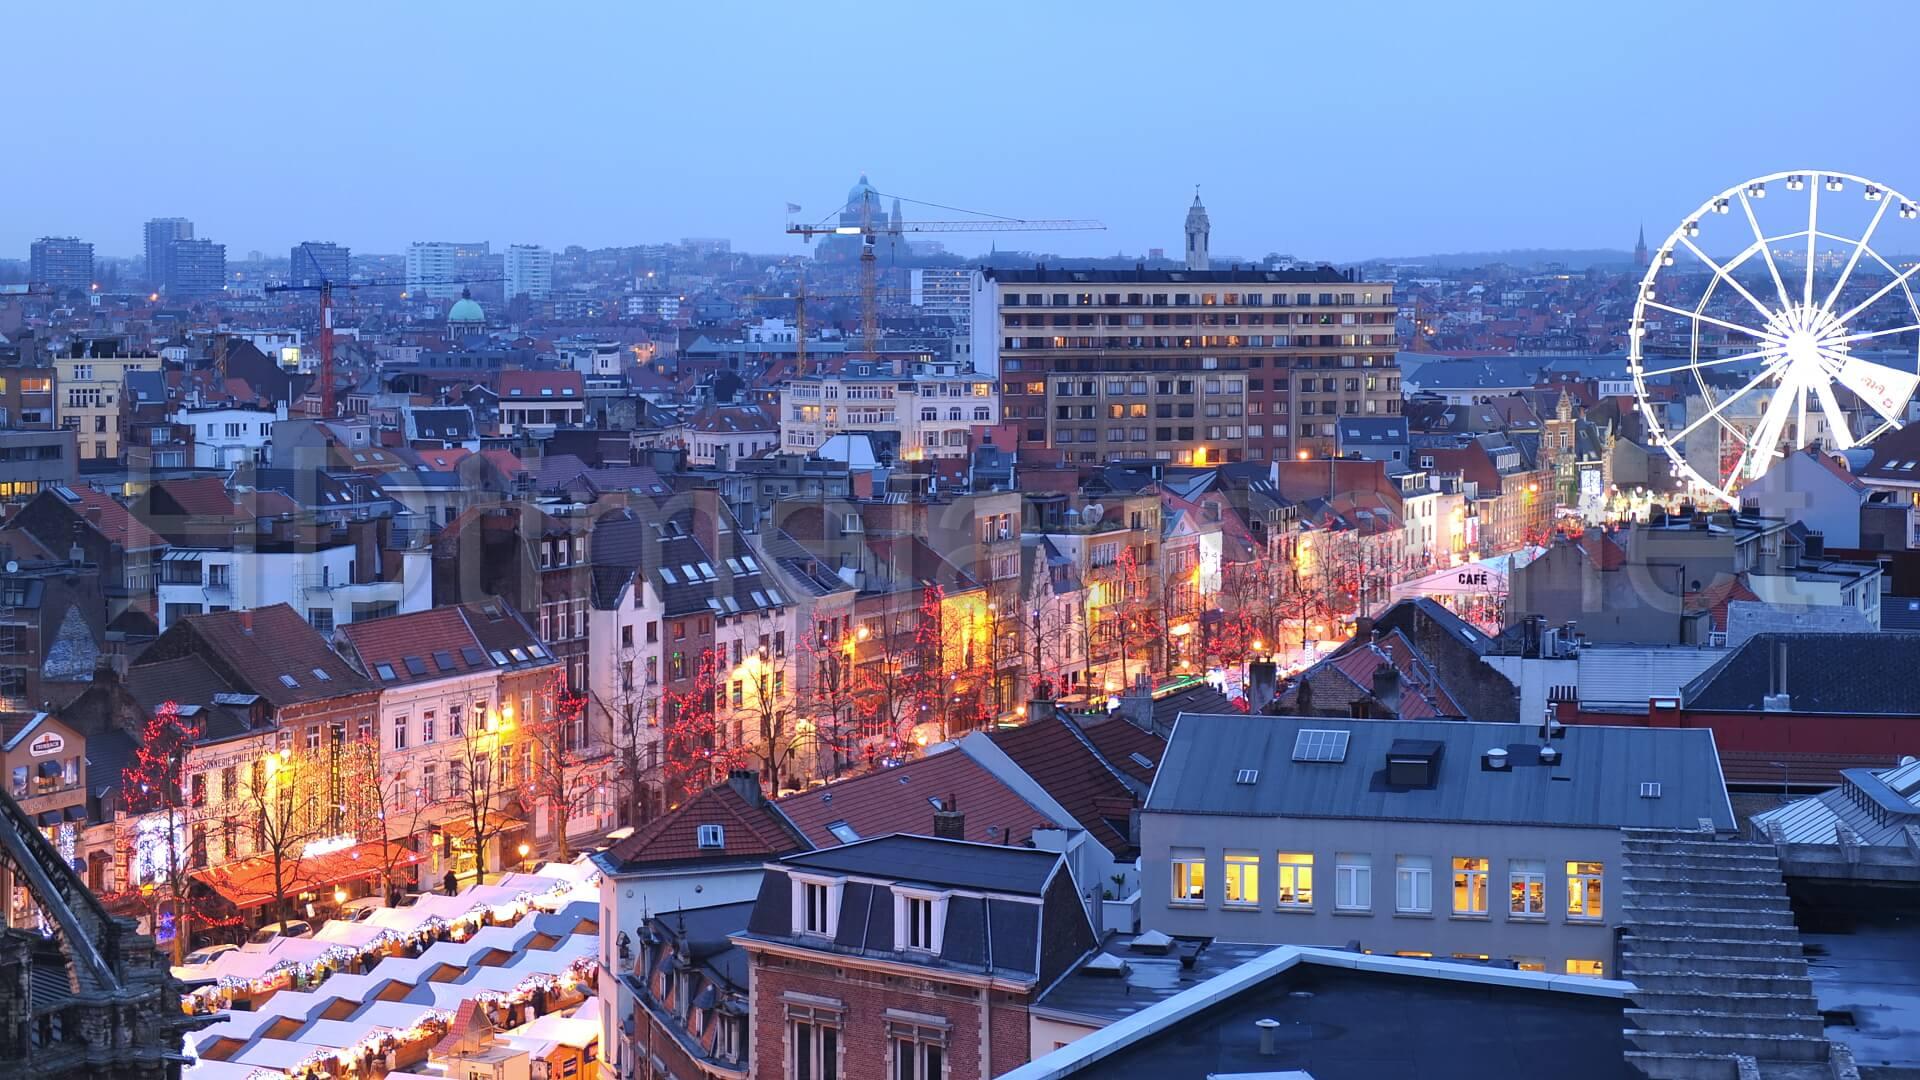 Φθηνές πτήσεις προς Βρυξέλλες